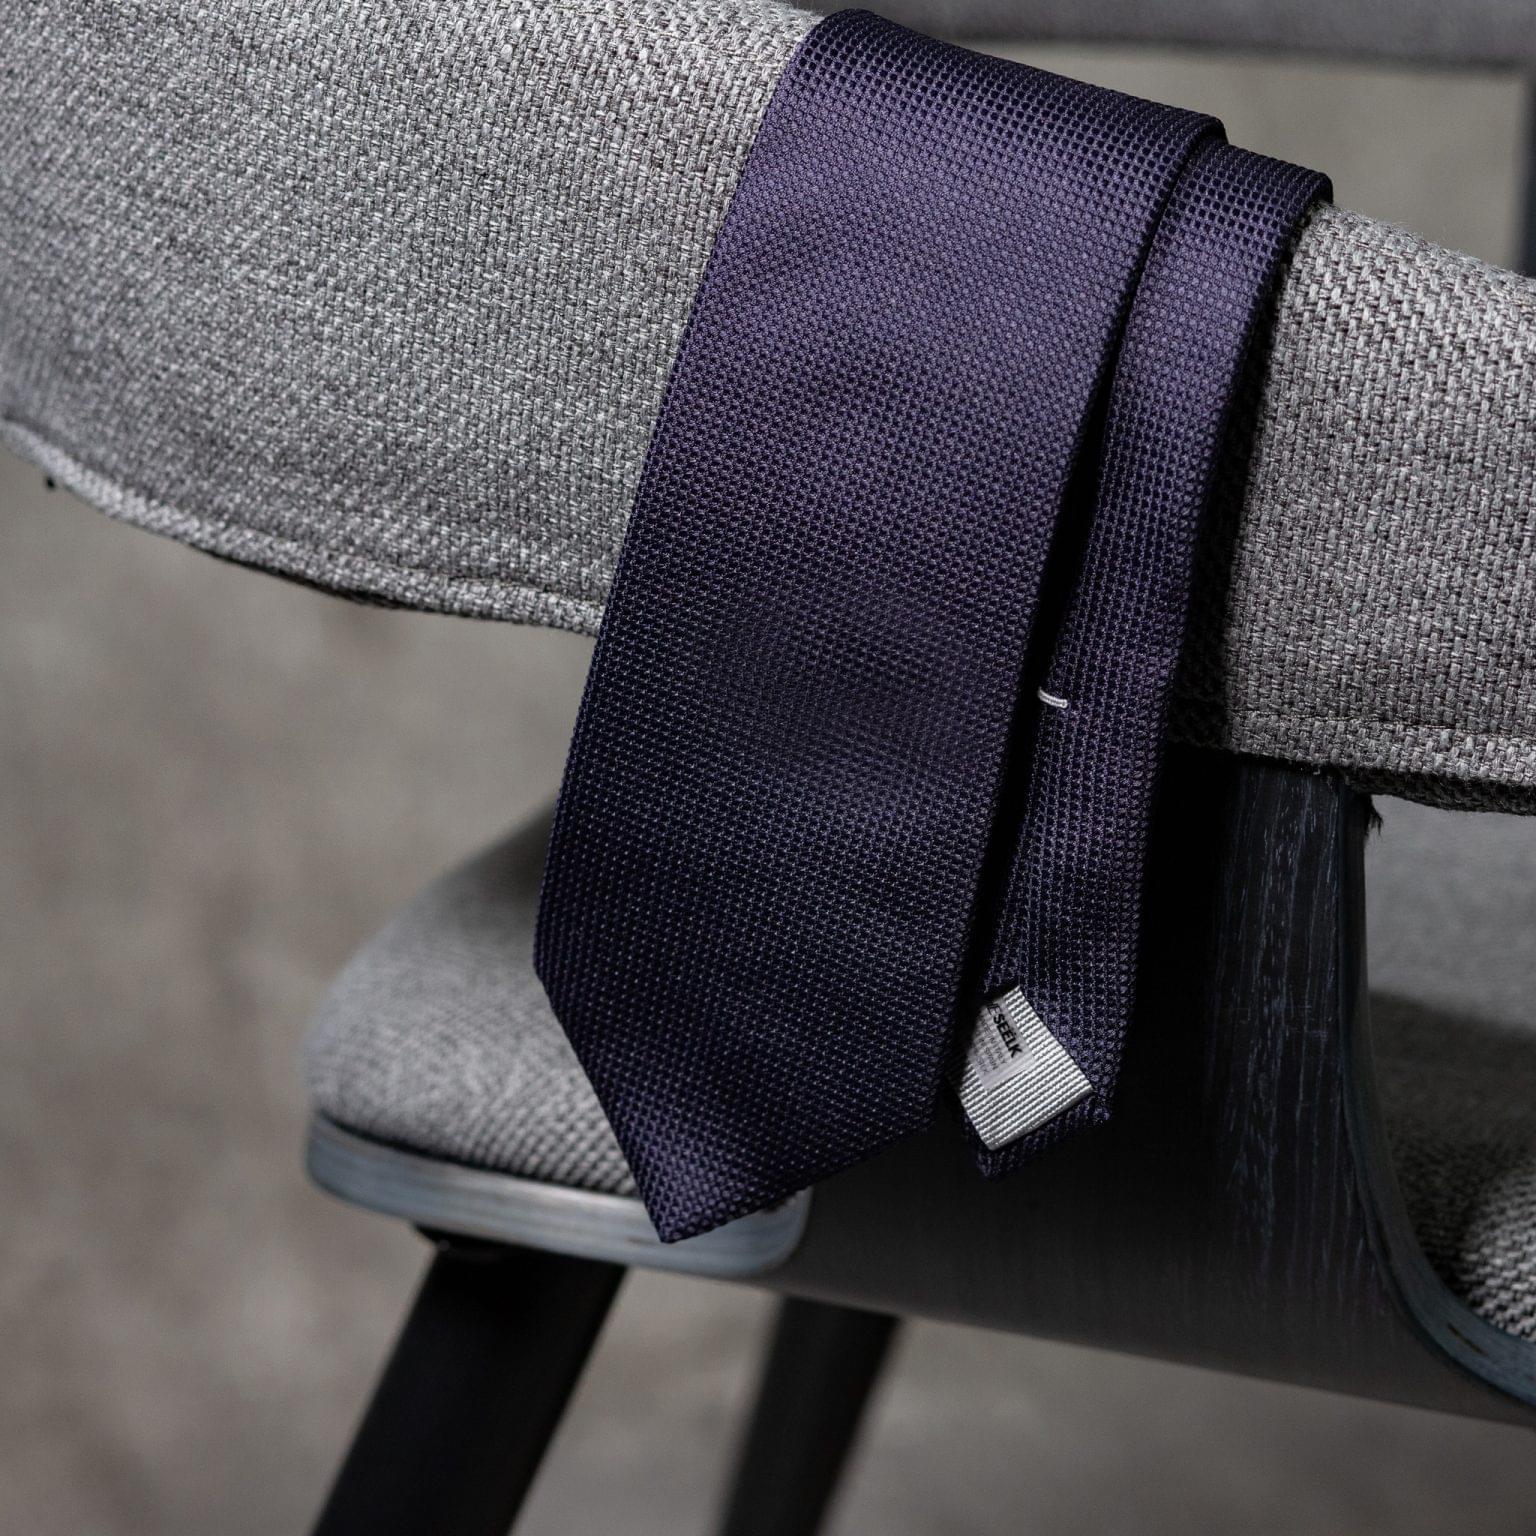 JACQUARD-0073-Tie-Initials-Corbata-Iniciales-The-Seelk-2